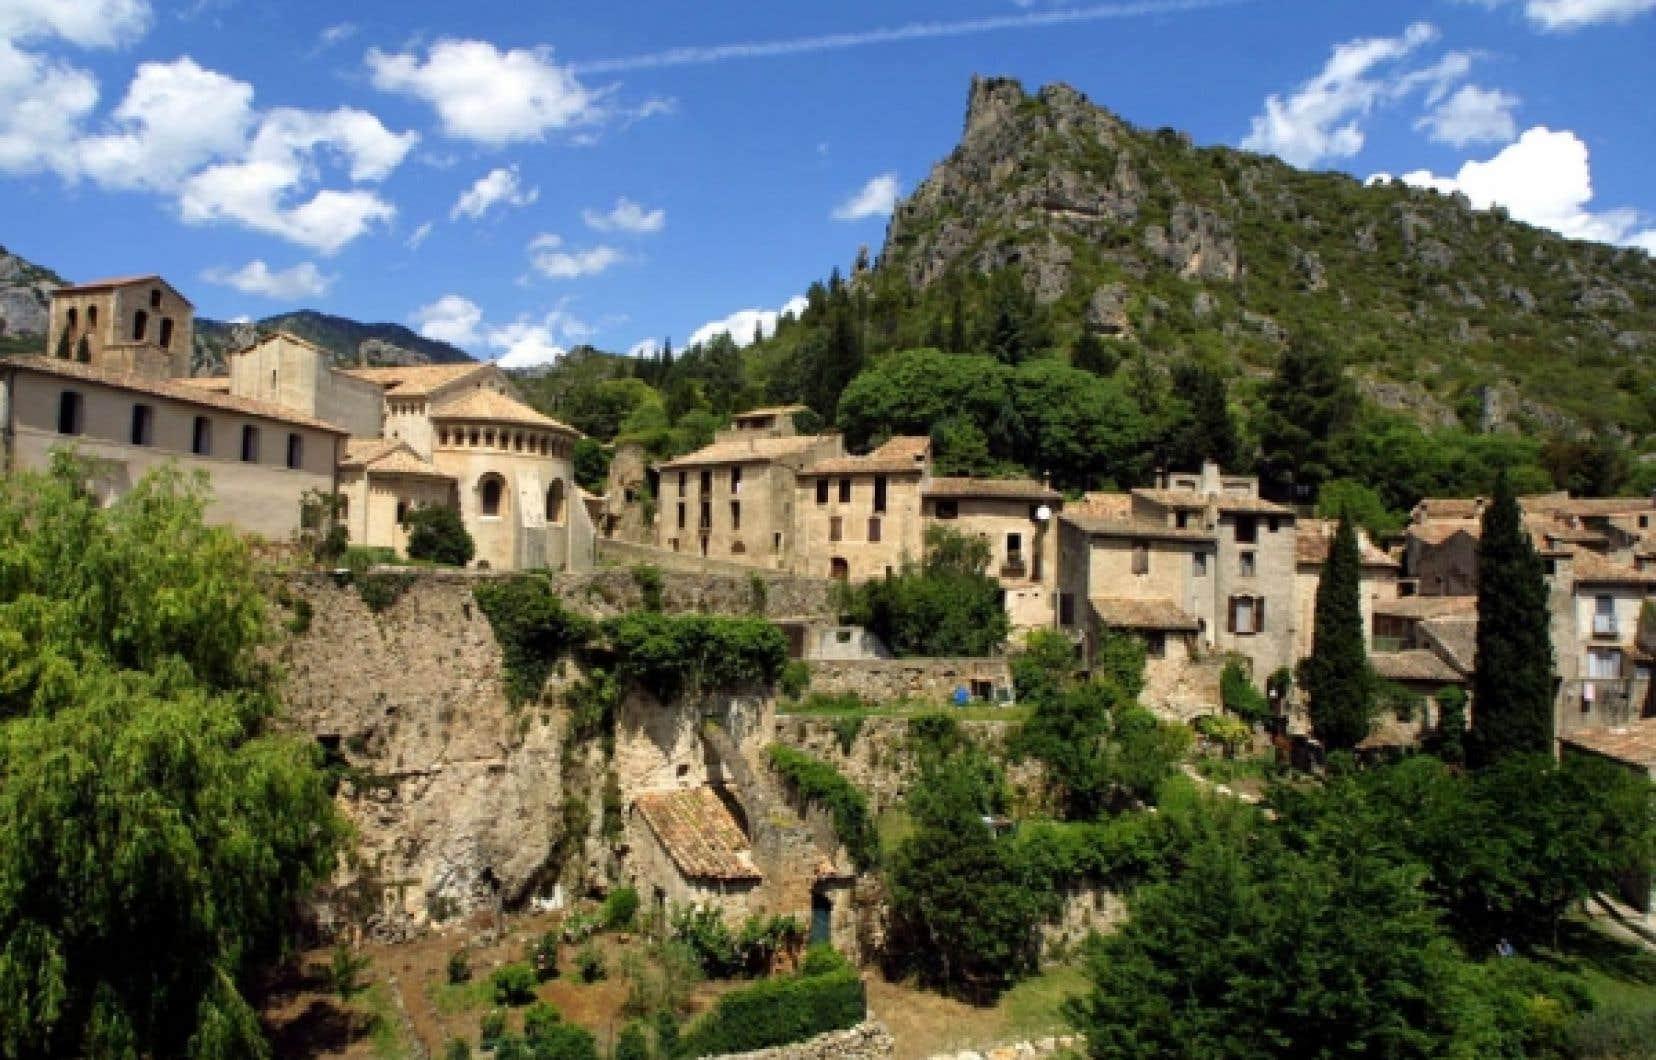 Le village de Saint-Guilhem-le-Désert, en France, est situé sur le chemin de Saint-Jacques de Compostelle. Ce sentier, le plus vieux d'Europe, est depuis récemment disponible aux pèlerins sur Internet en version 3D. <br />